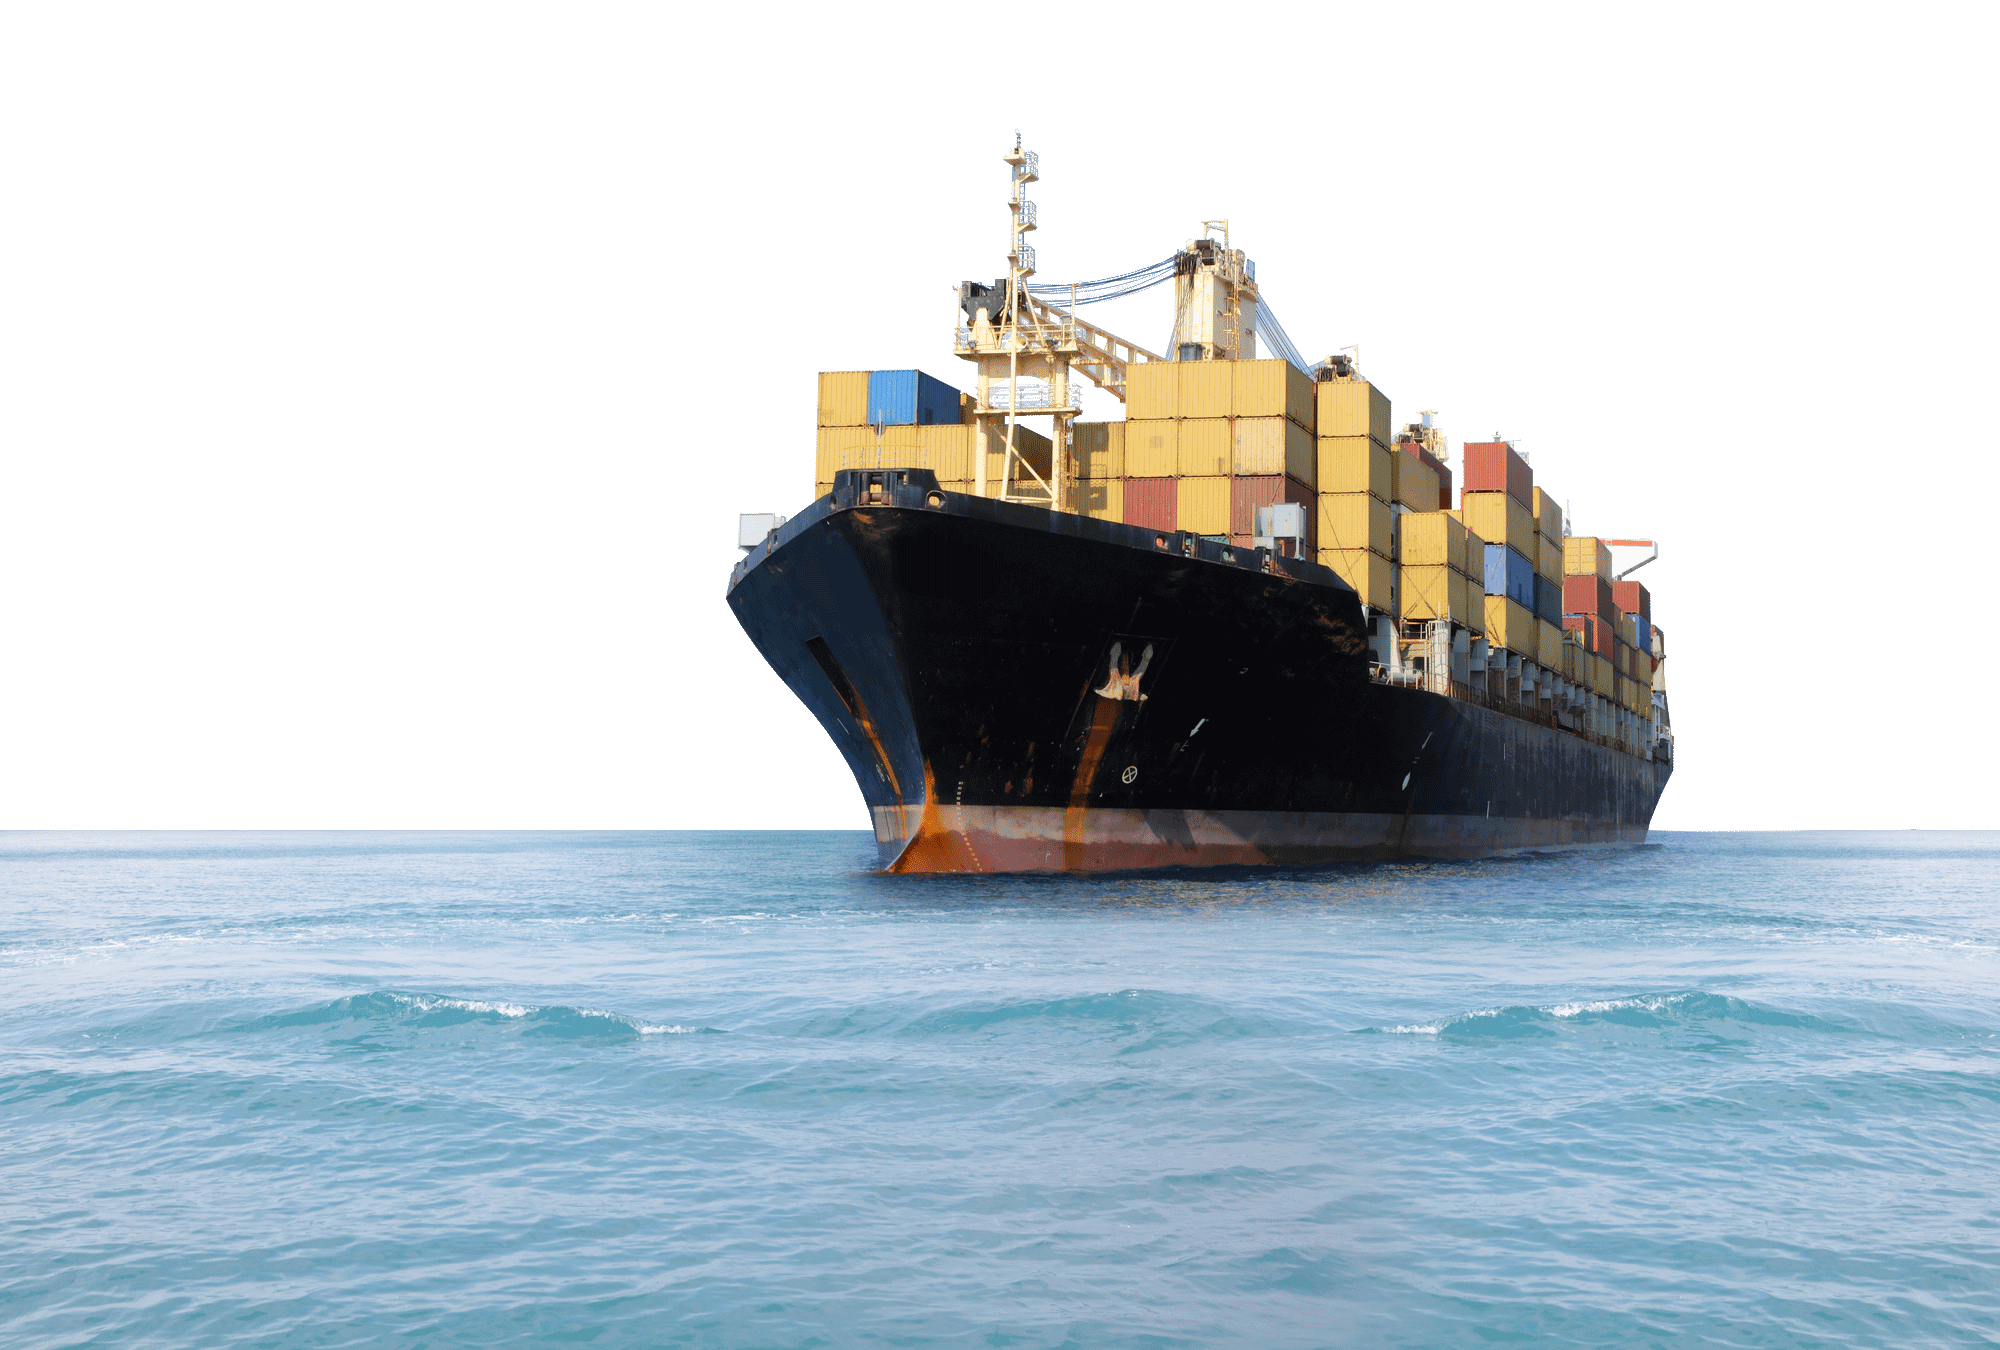 Freight Ship-19 - Cargo Ship PNG HD